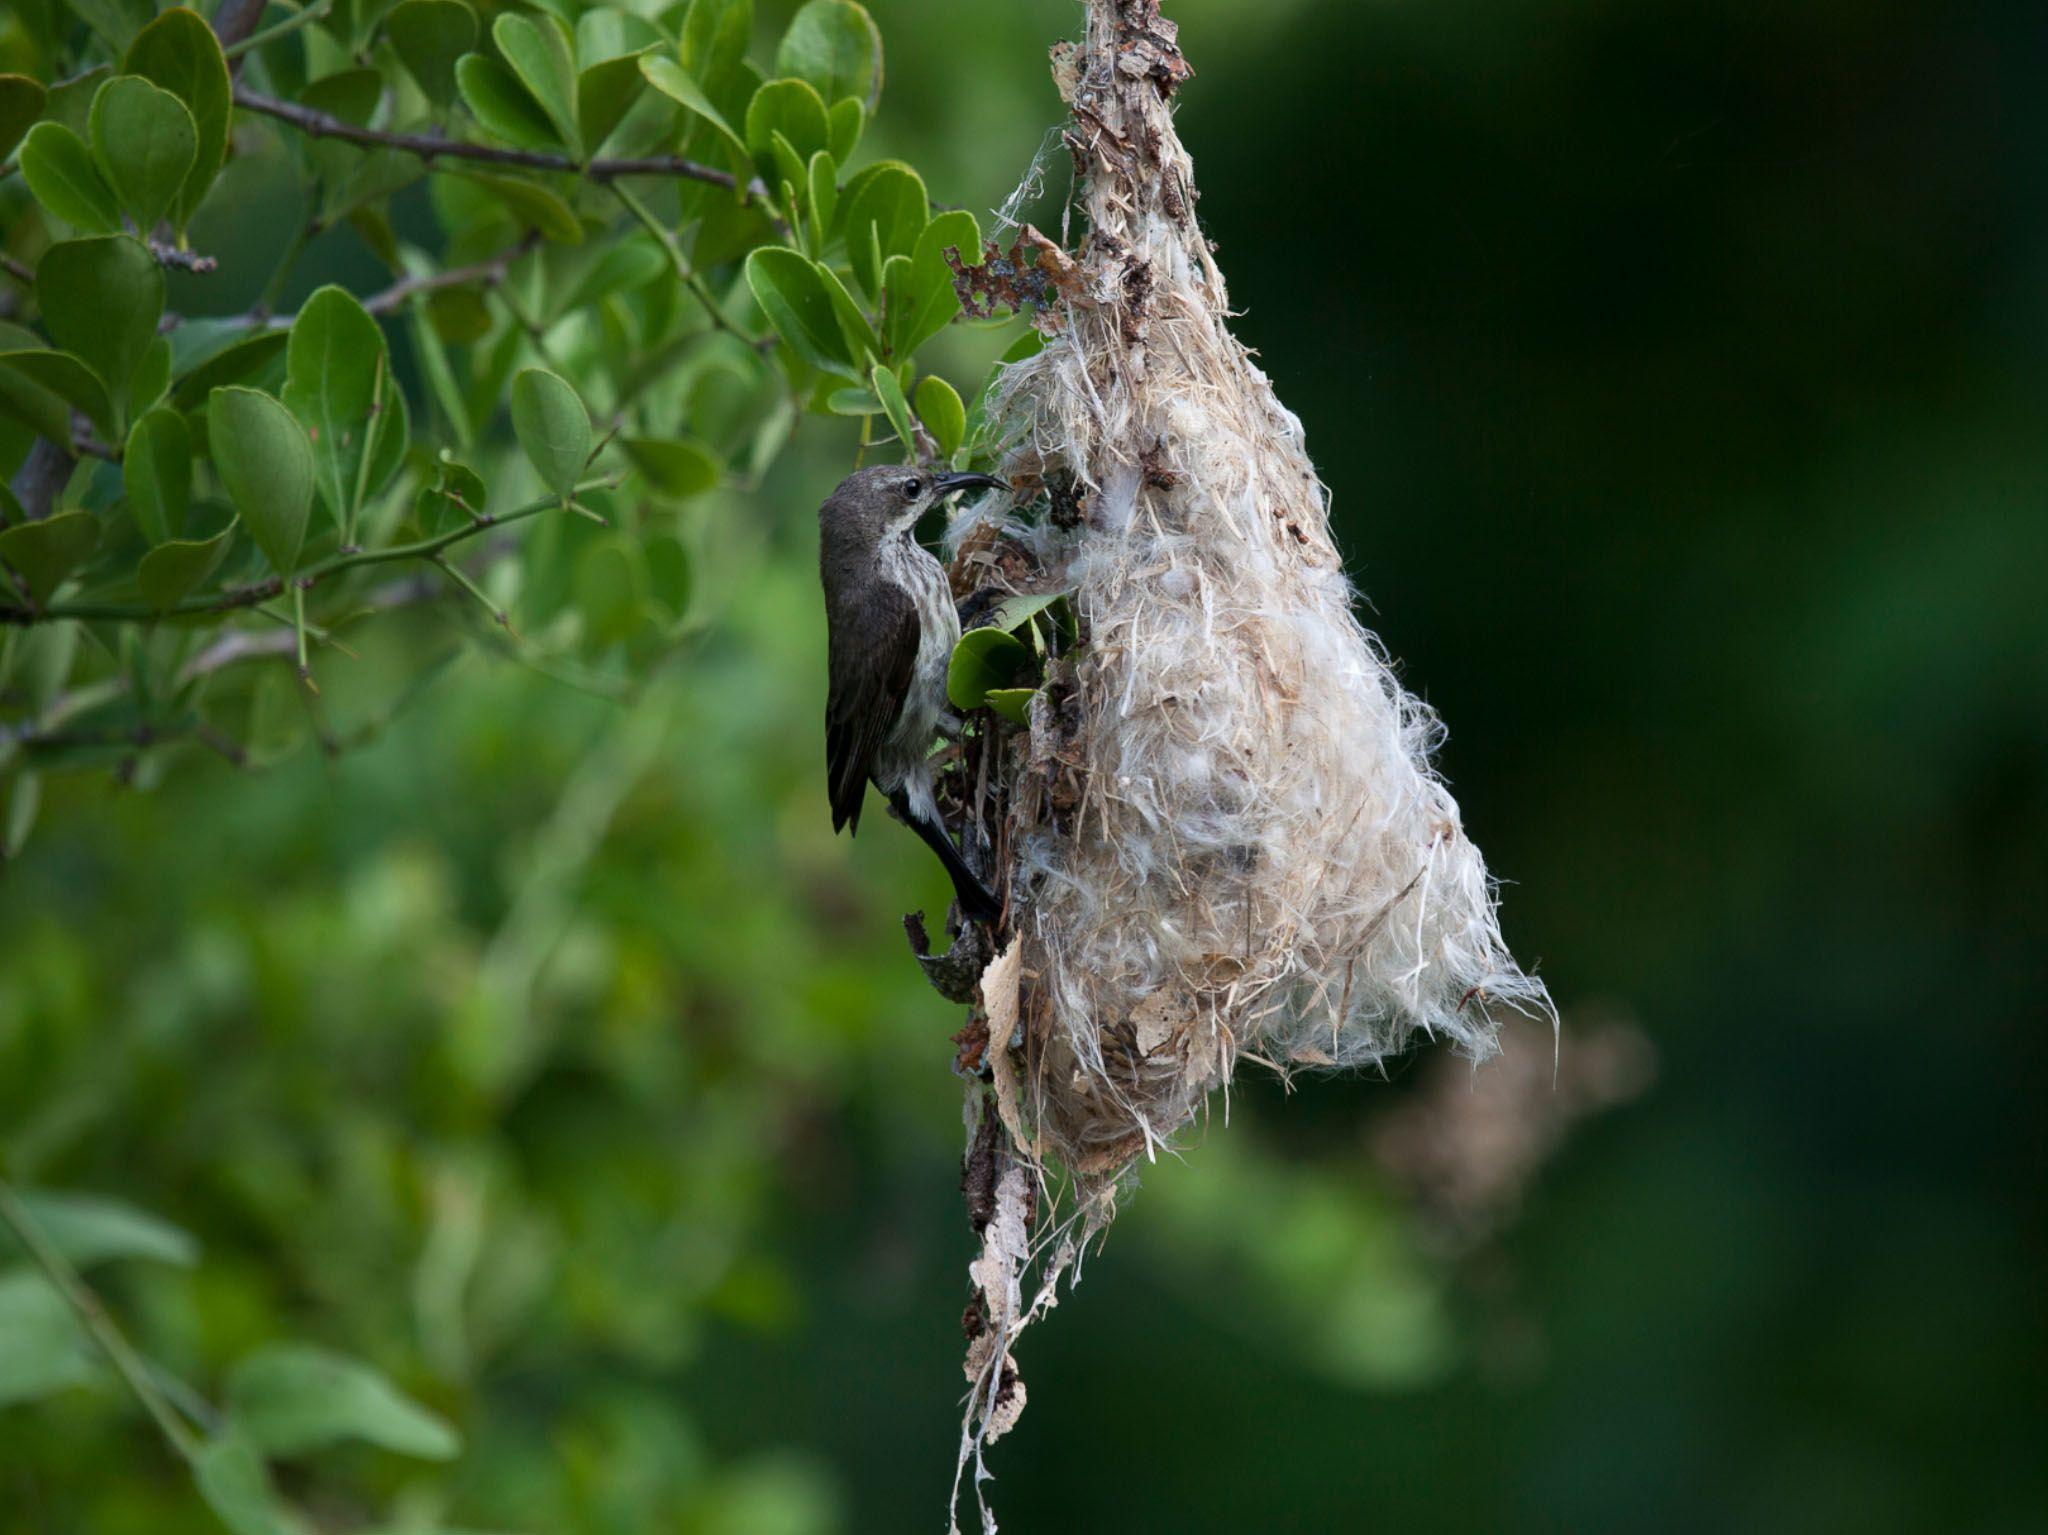 Chumbe Island, Zanzibar - Sunbird nesting. This is from Jane Goodall: Saving Paradise. [Photo of the day - May 2021]